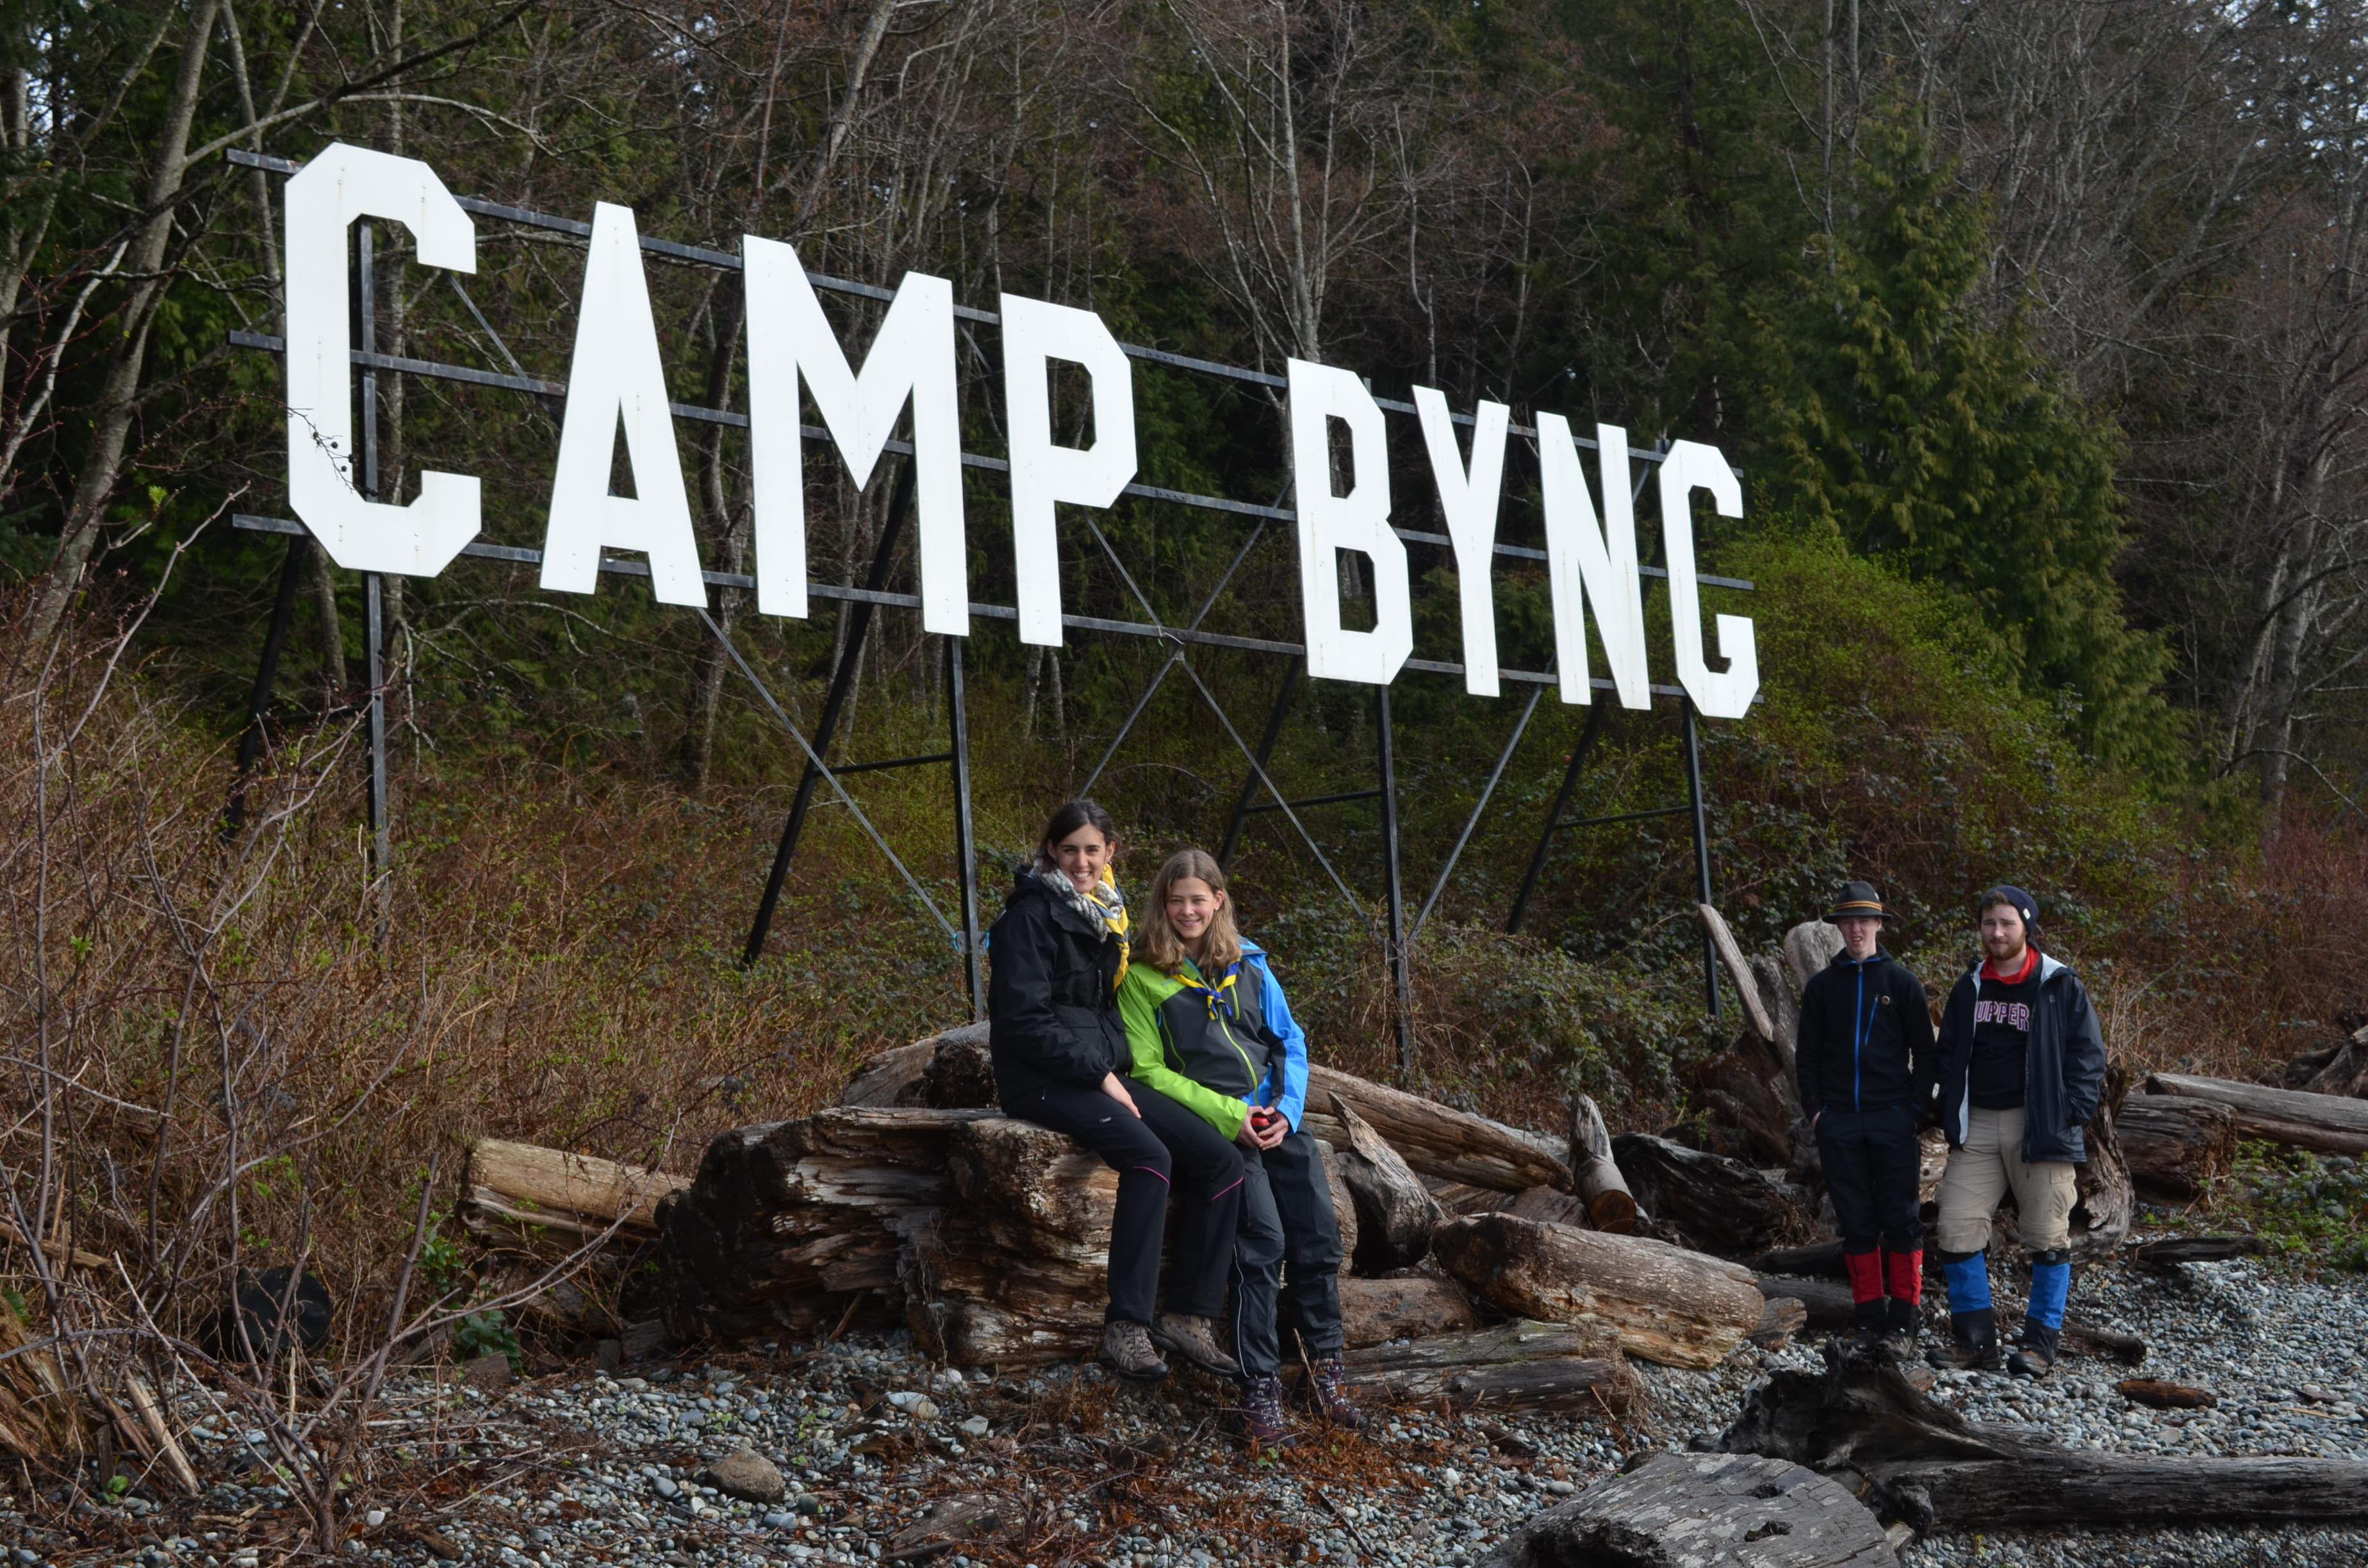 Descobrint l'espectacular terreny de Camp Byng que tenen a Vancouver Island